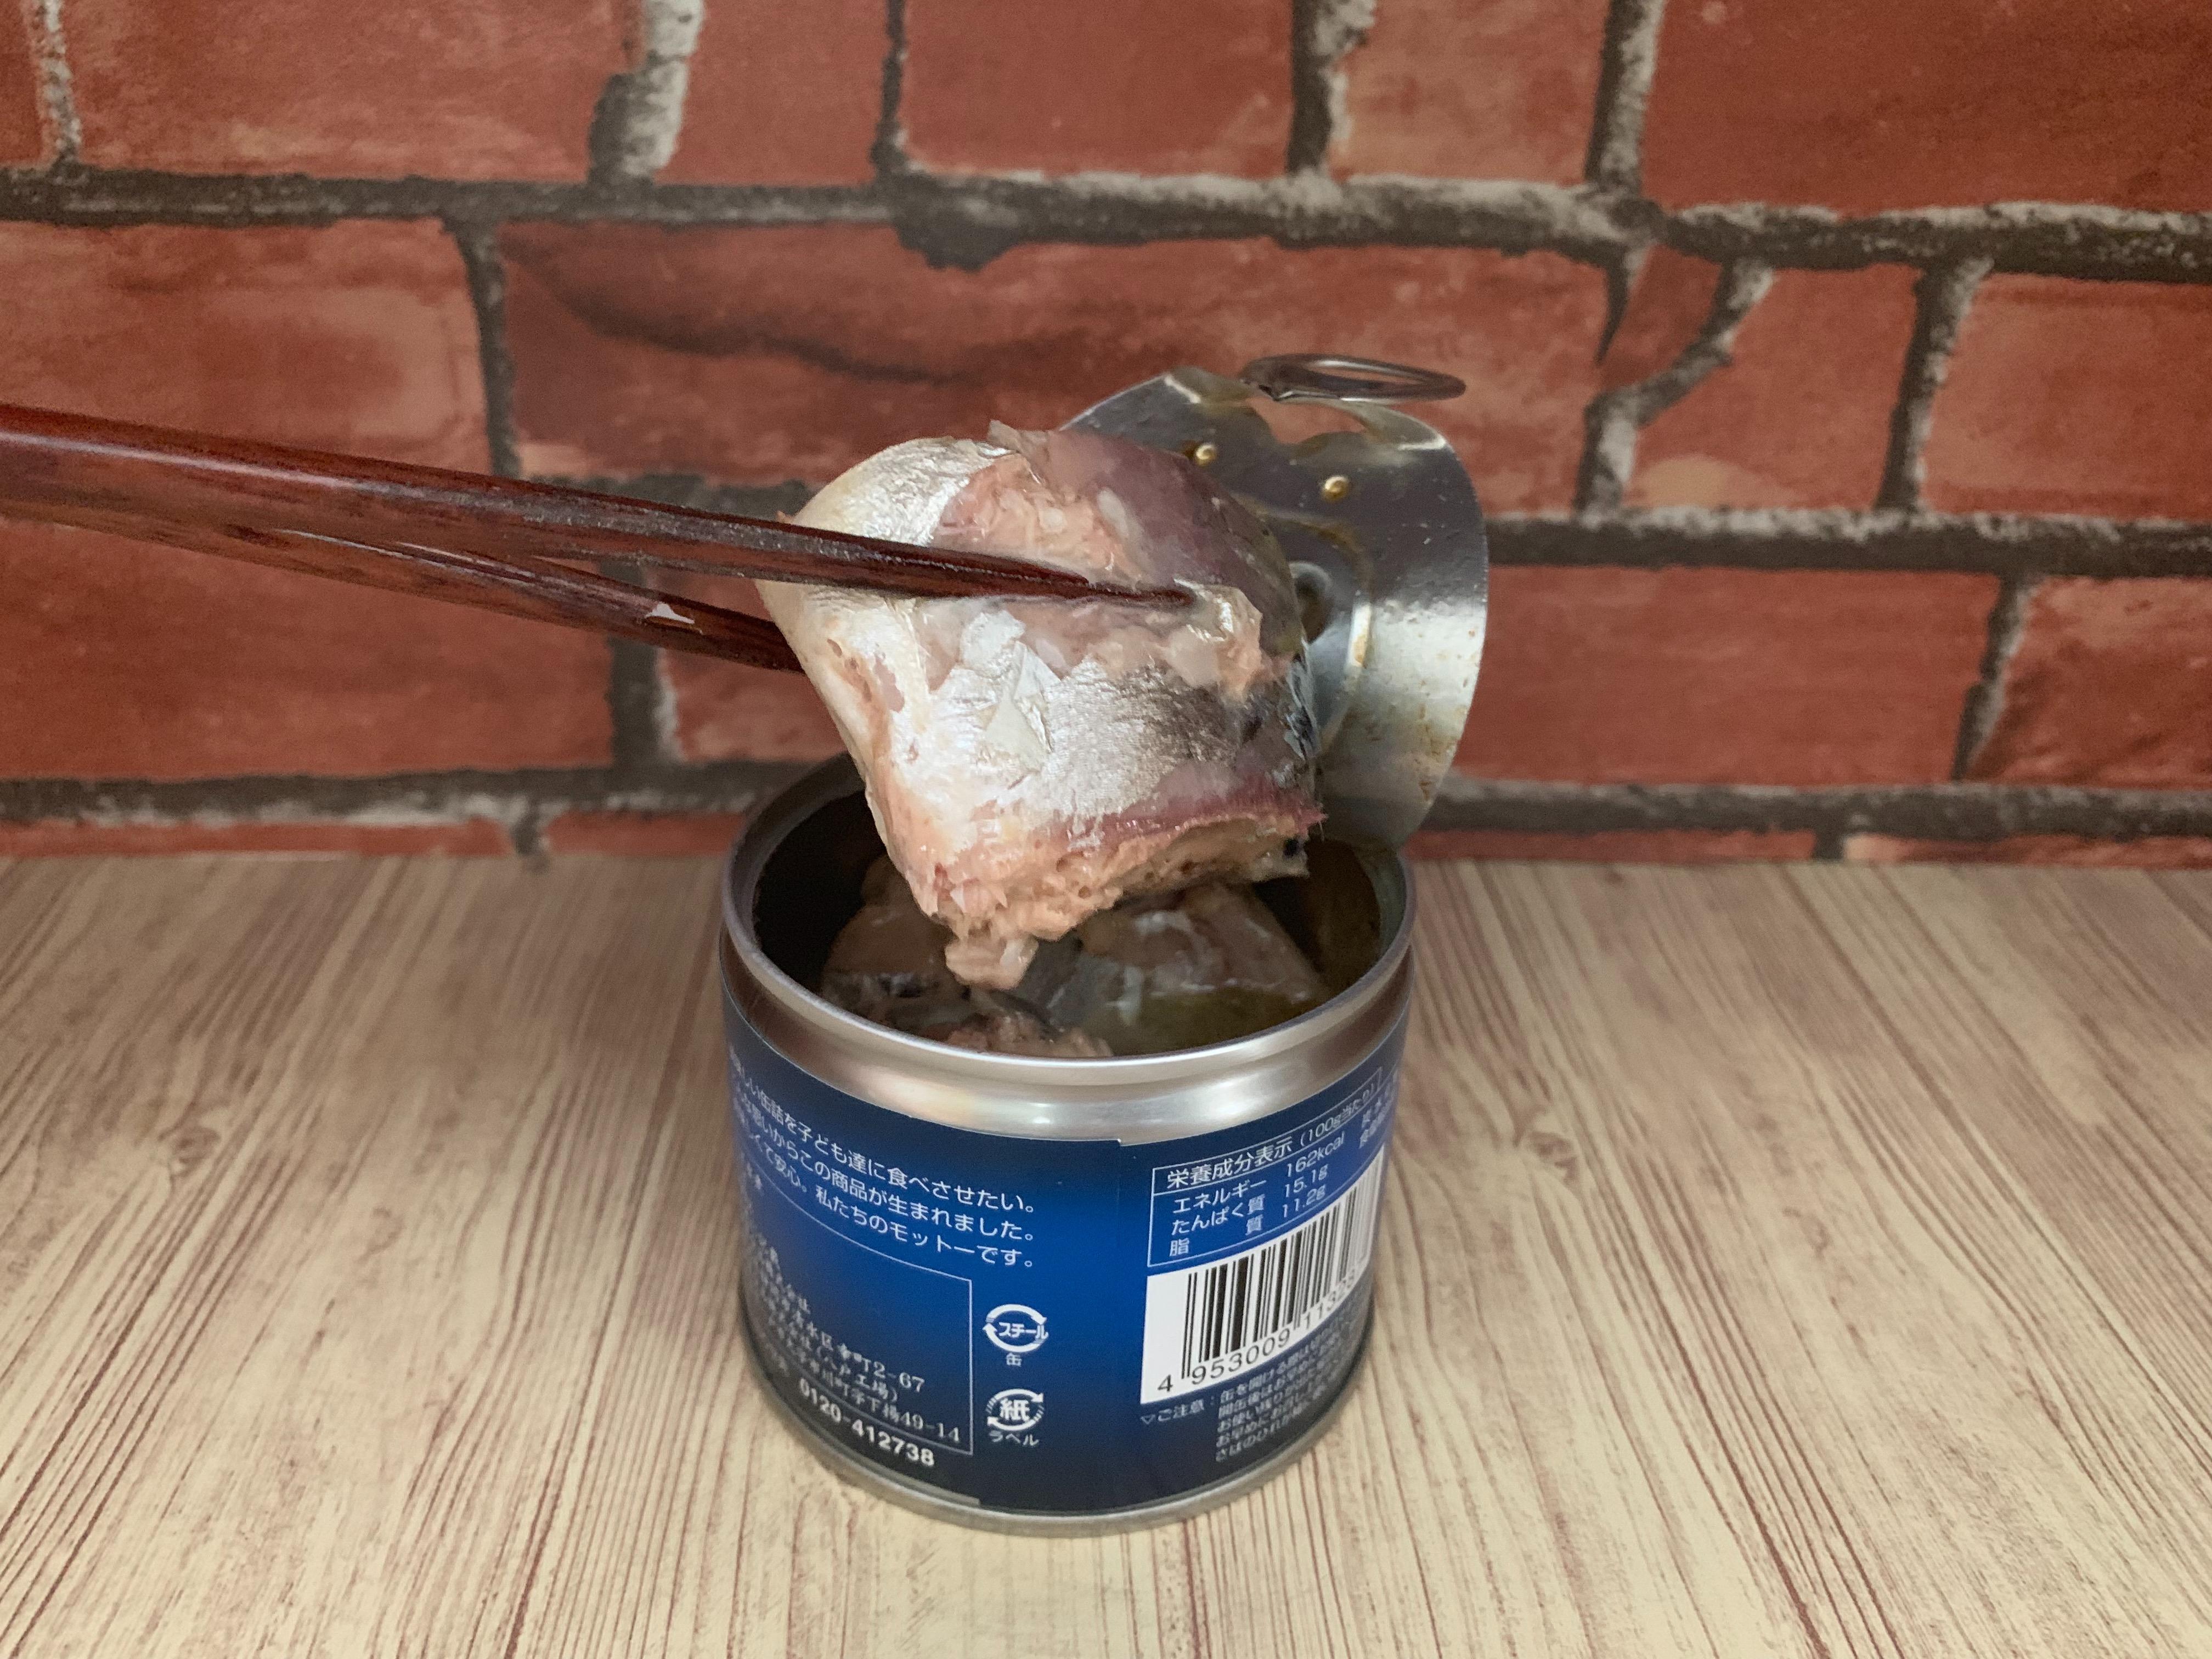 伊藤食品 鯖水煮 食塩不使用